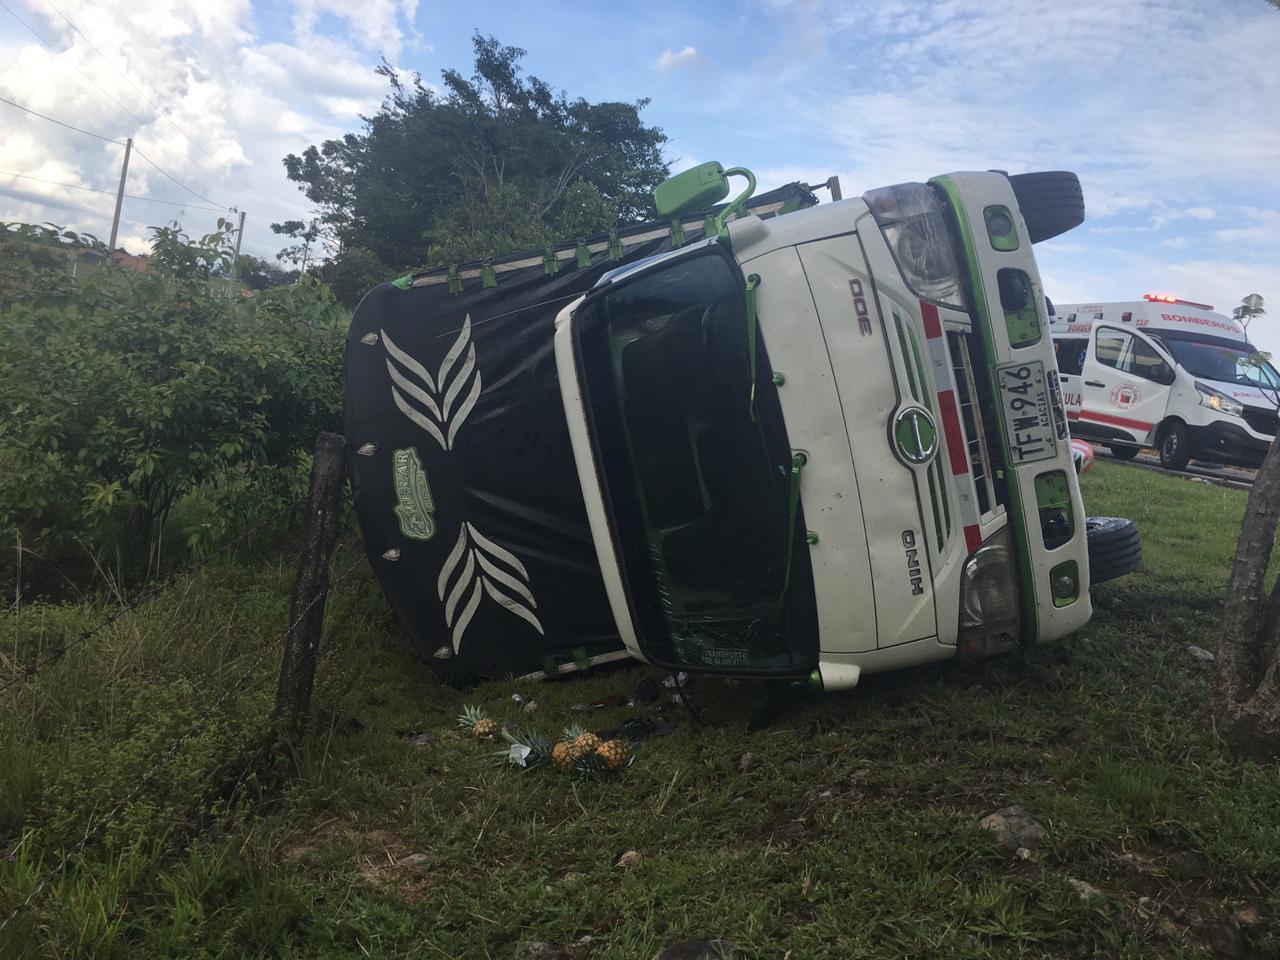 Buseta de transporte publico se volcó en via Monterrey Tauramena